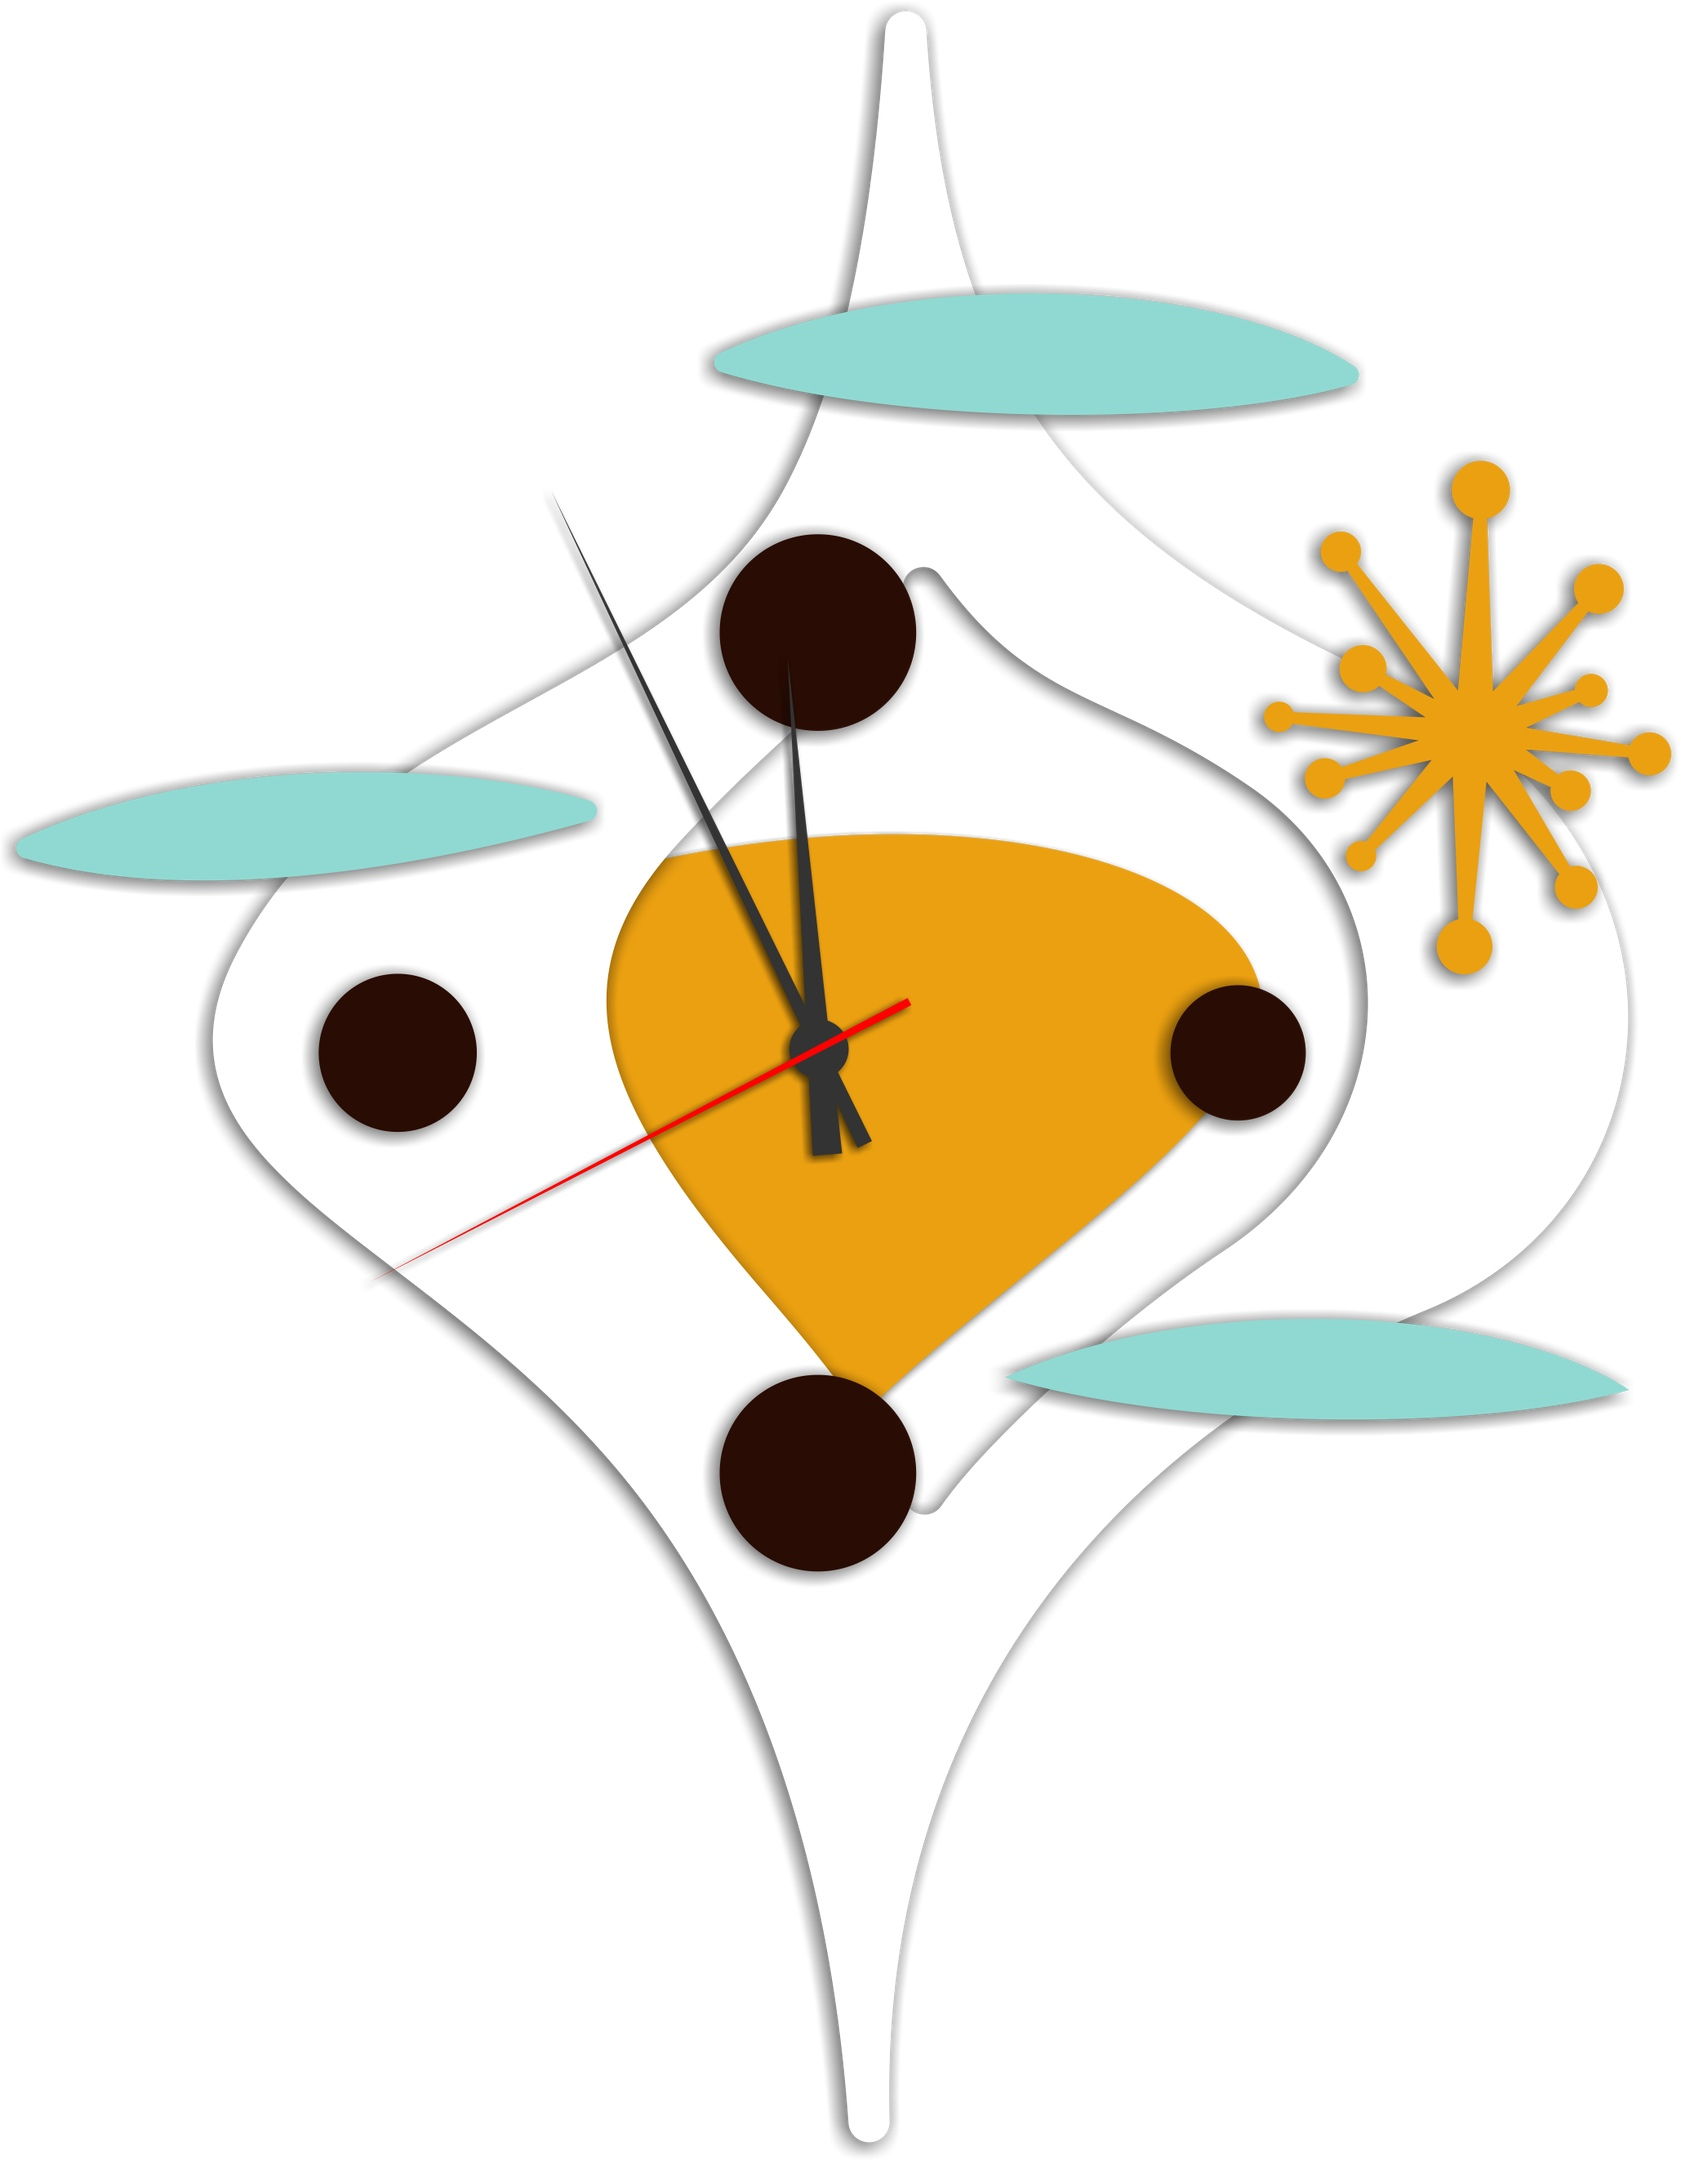 Laser Cut Modern Design Wall Clock Templates Free Vector